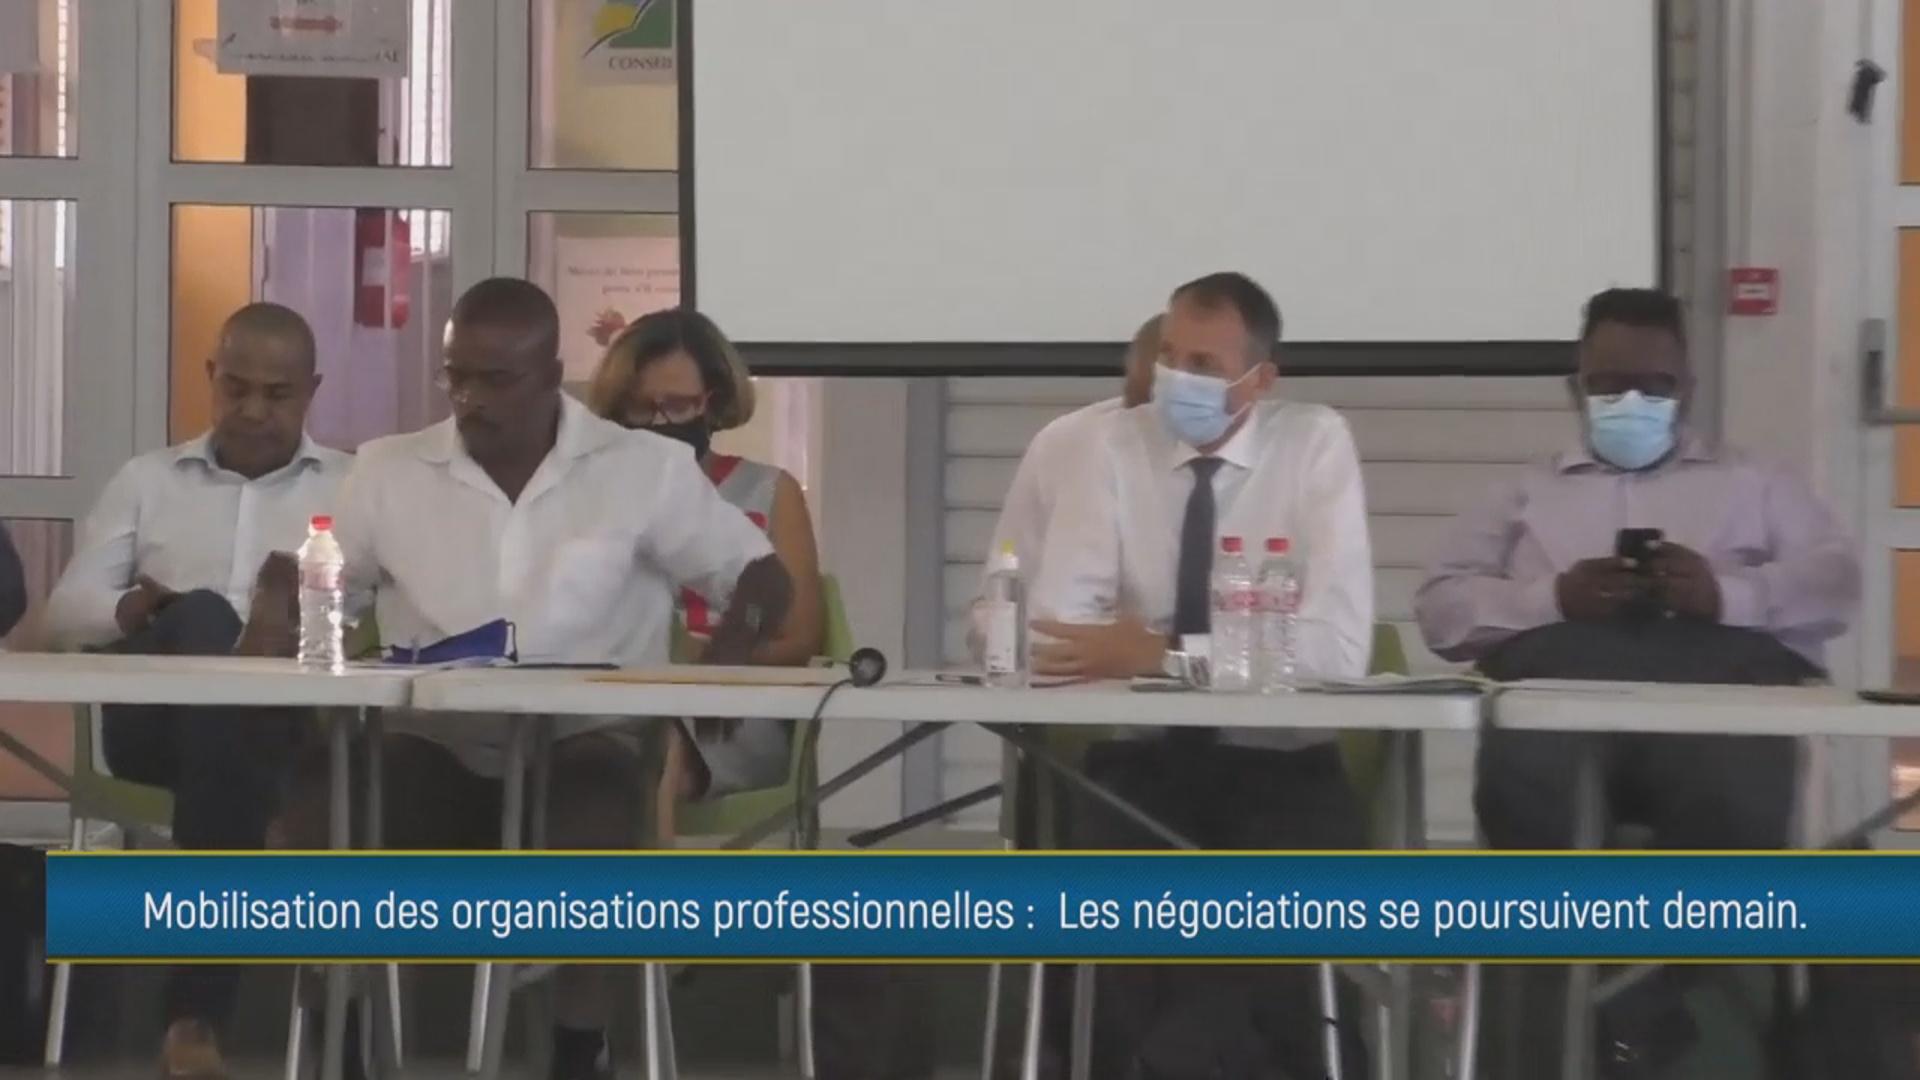 [Vidéo] Onews Guadeloupe. Mouvement social. Réactions après la Réunion avec Le Préfet